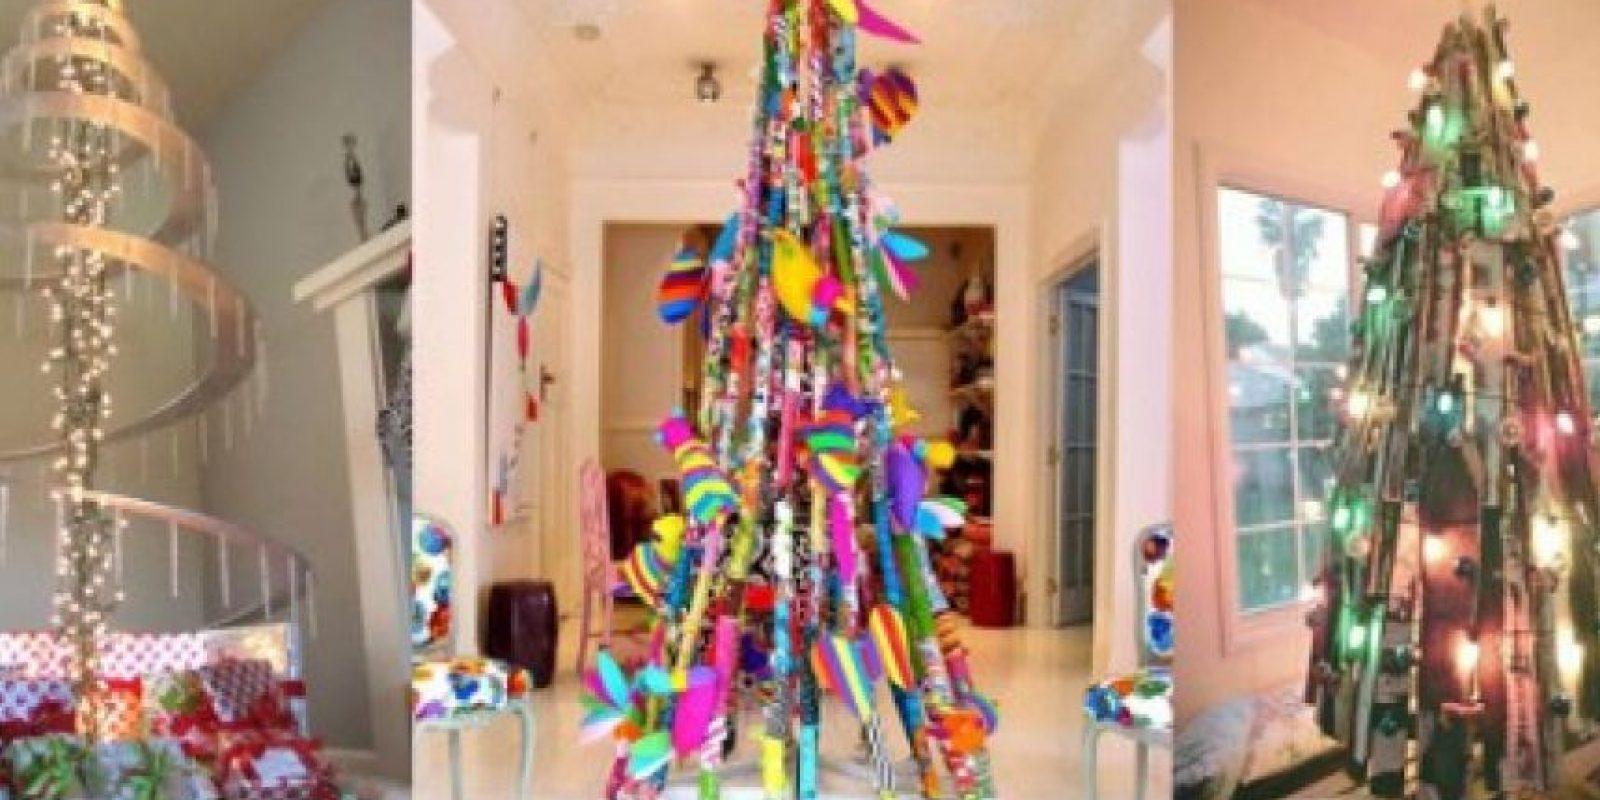 Creativos rboles de navidad que todos podr amos tener - Arboles de navidad creativos ...